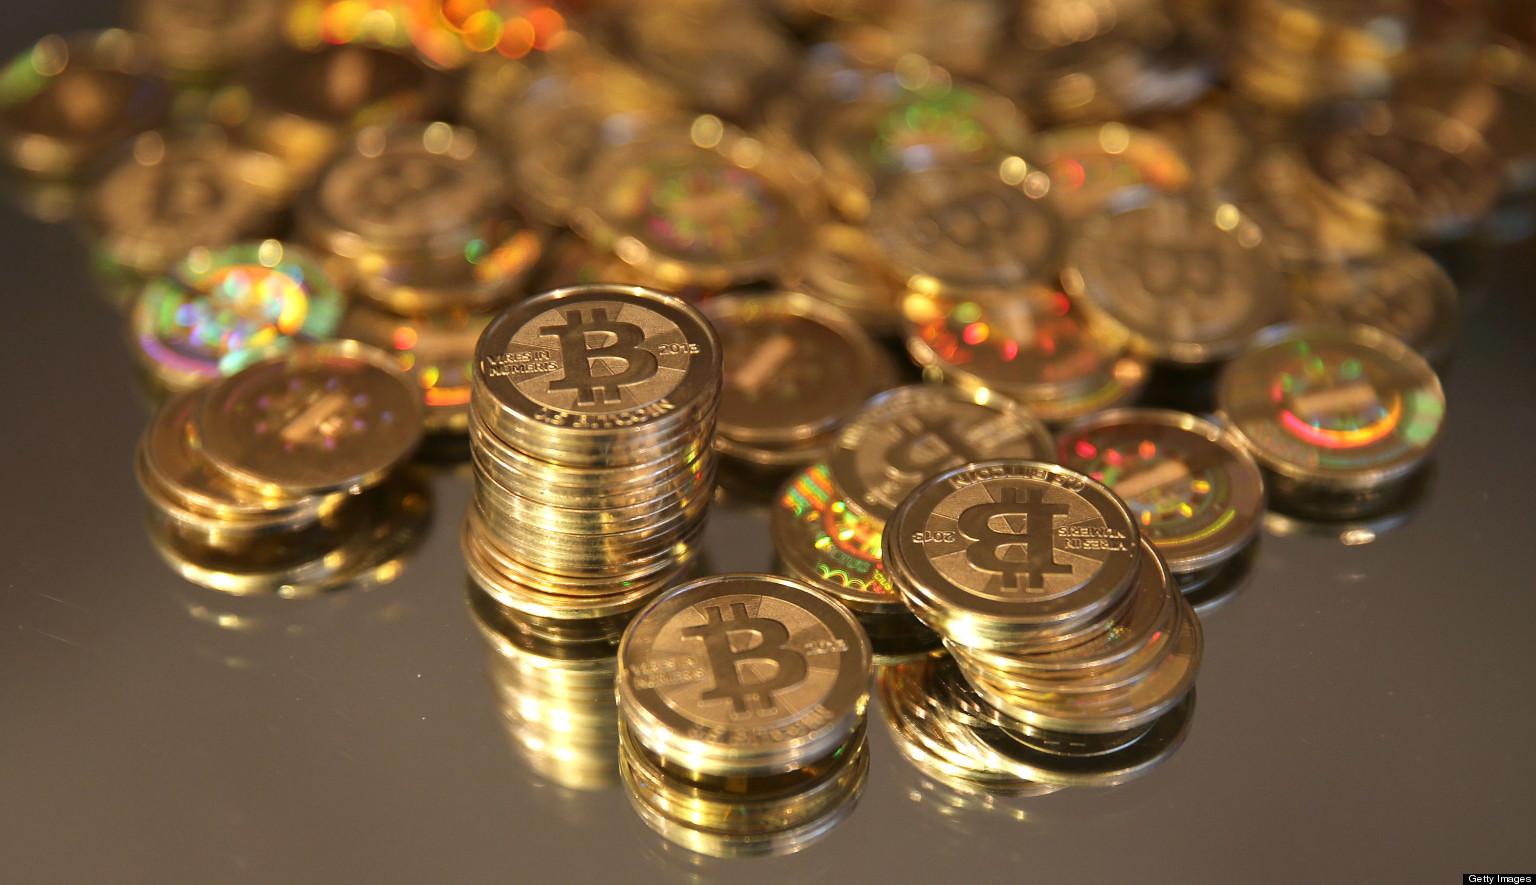 fazer um monte de gente dia trocar bitcoin posso investir apenas 100 dólares em bitcoin